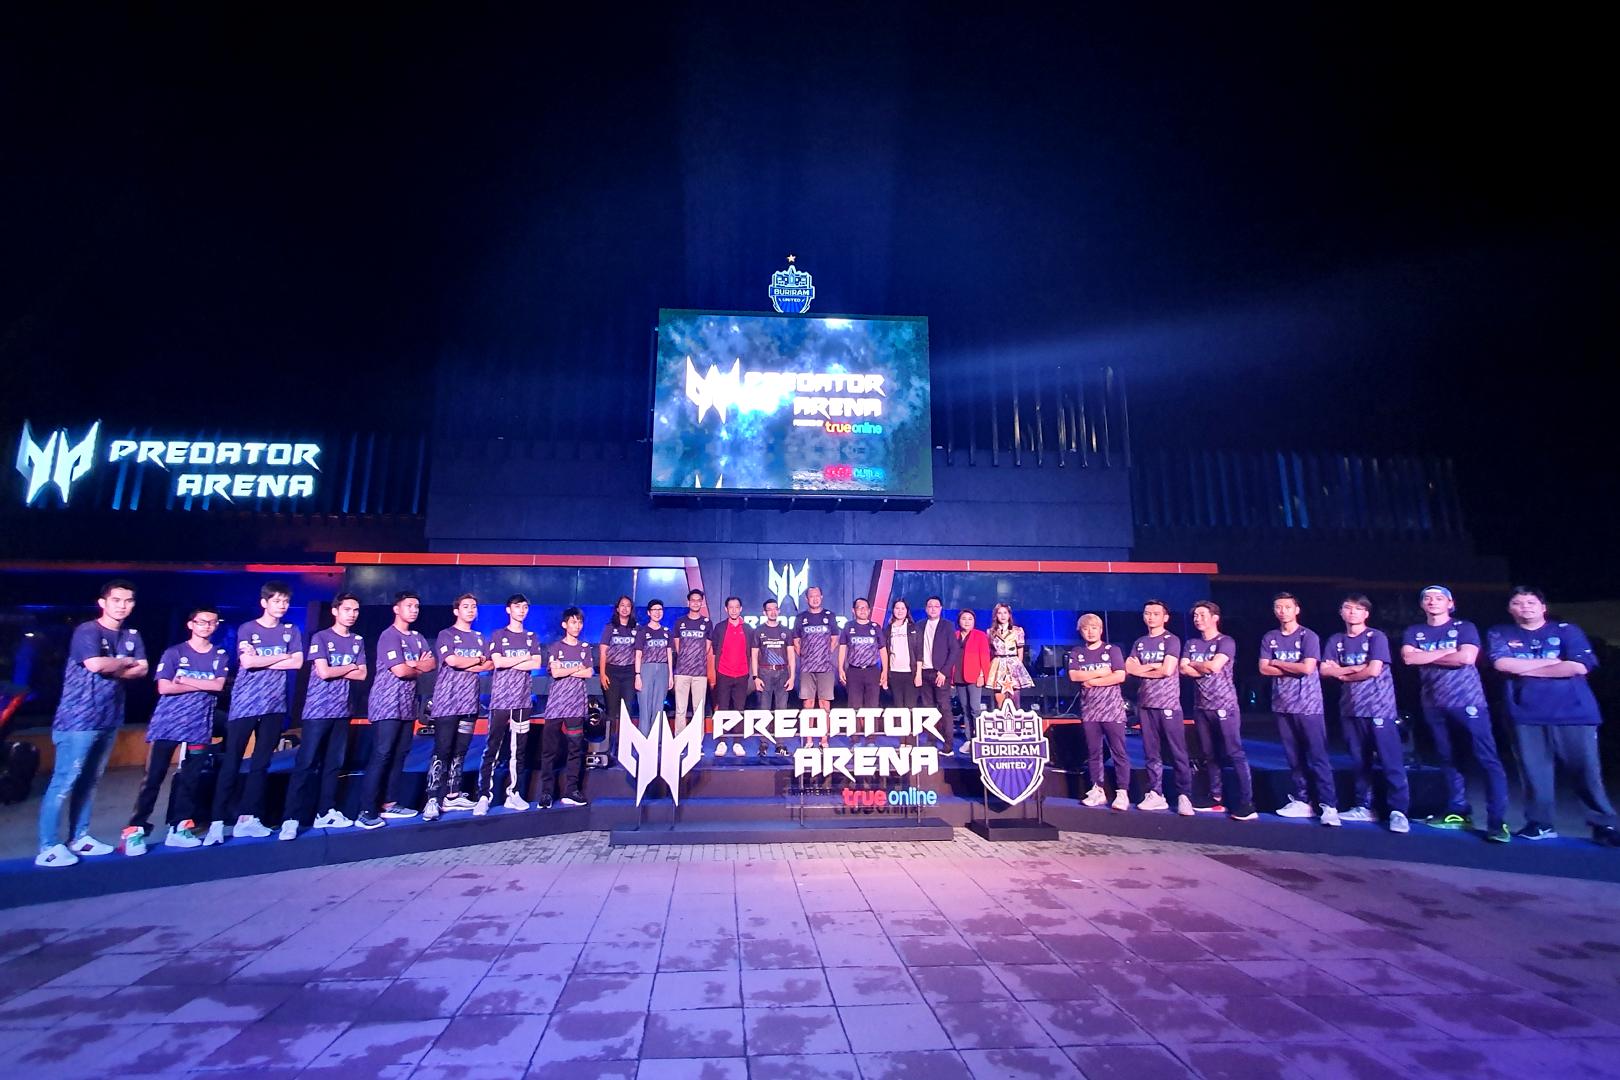 เอเซอร์จับมือบุรีรัมย์ ยูไนเต็ด อีสปอร์ต สร้างมาตรฐานวงการอีสปอร์ต เปิด Predator Arena